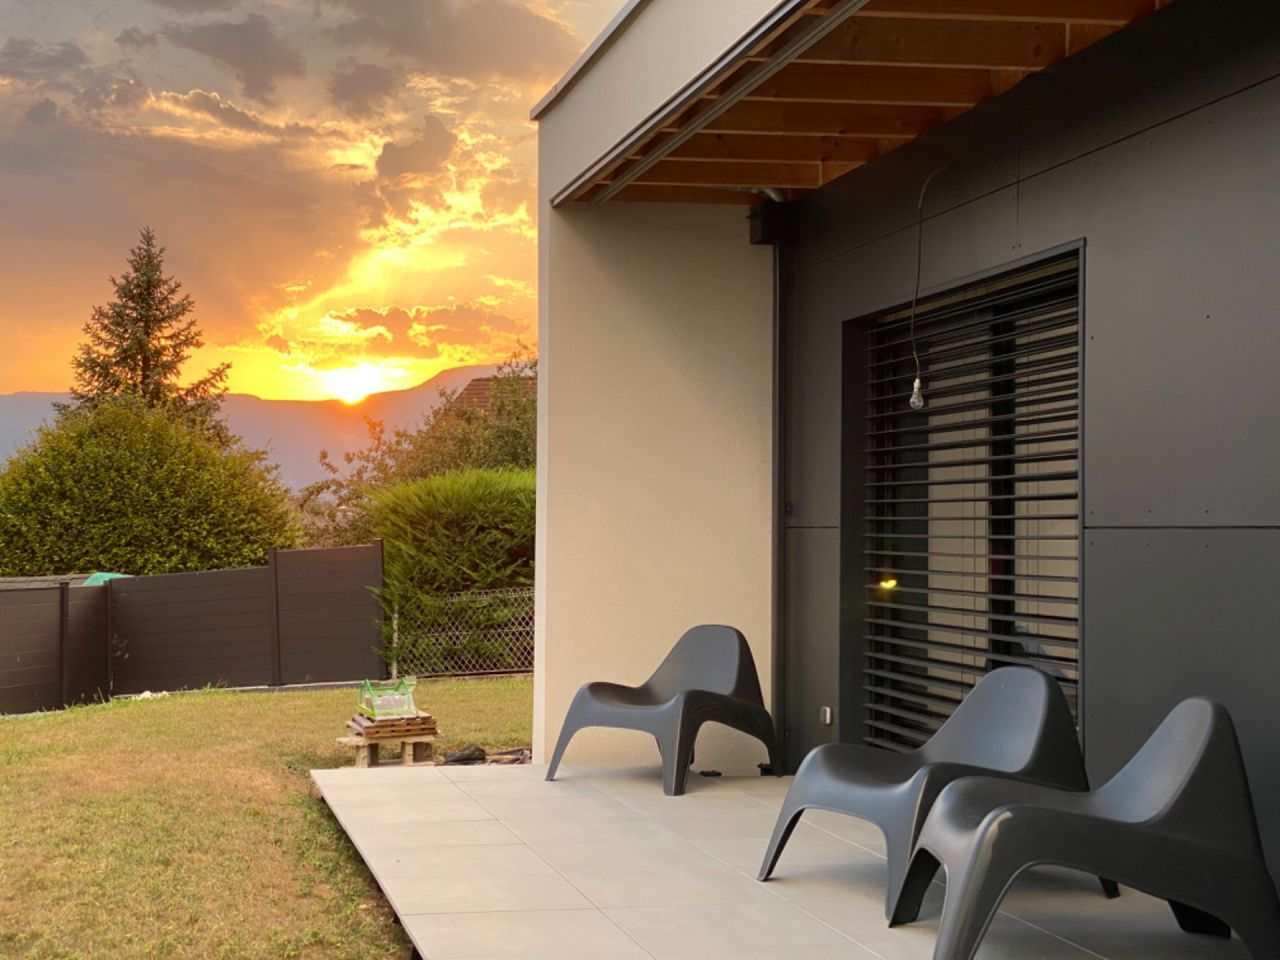 Soleil couchant sur la terrasse